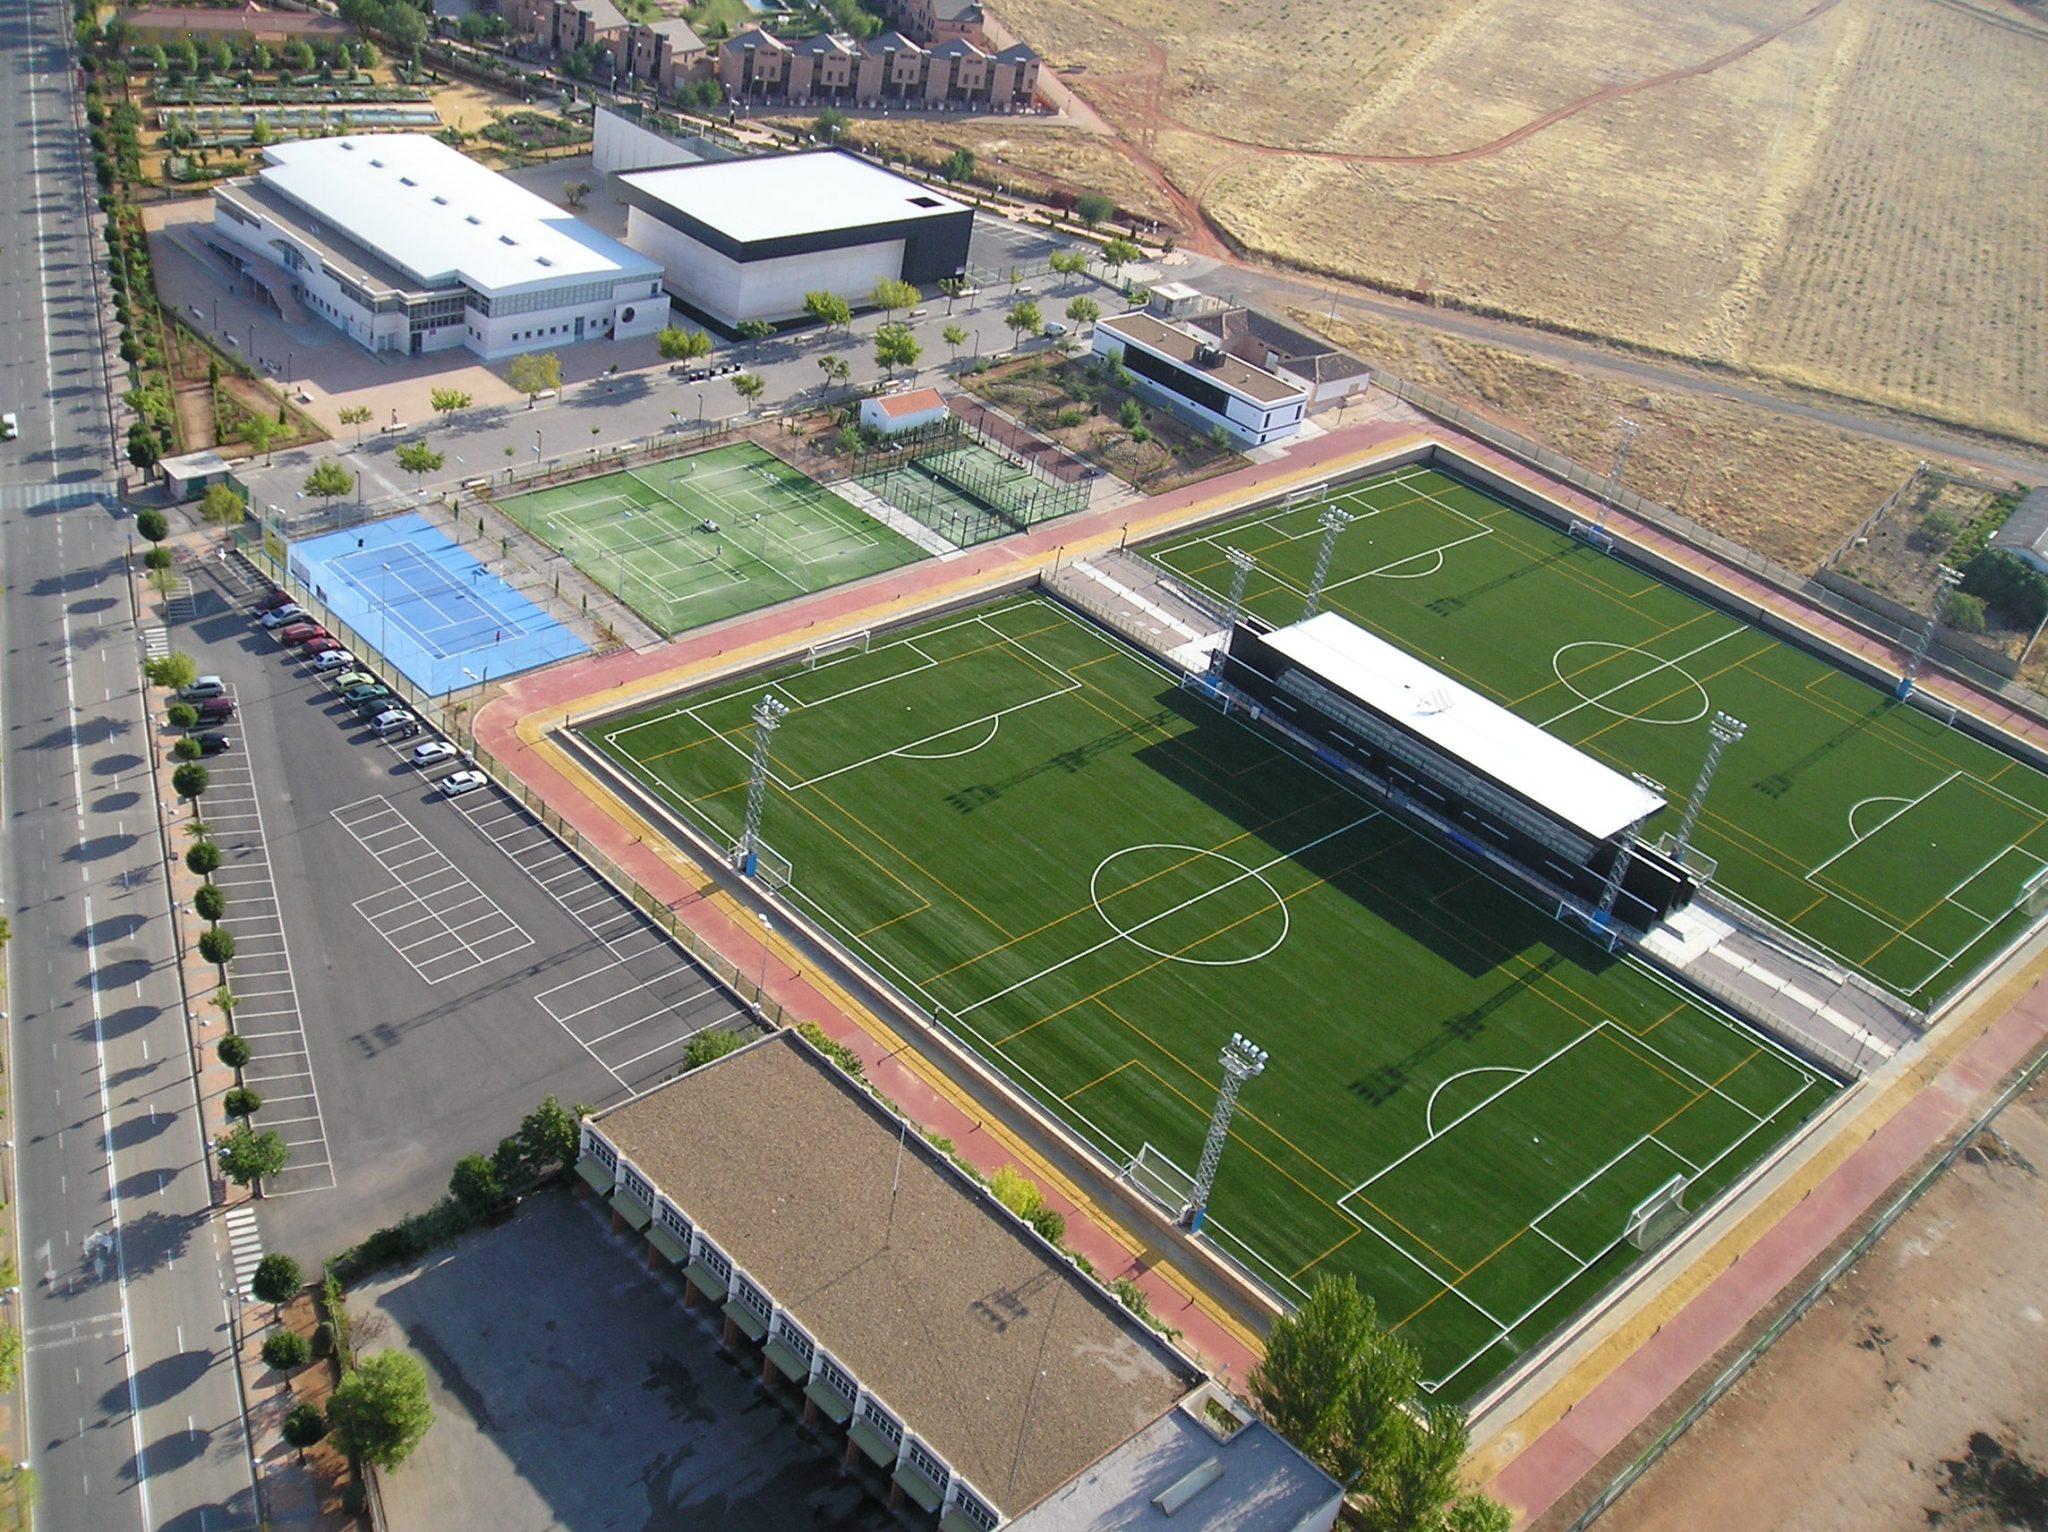 Ciudad Deportiva Virgen de la Cabeza